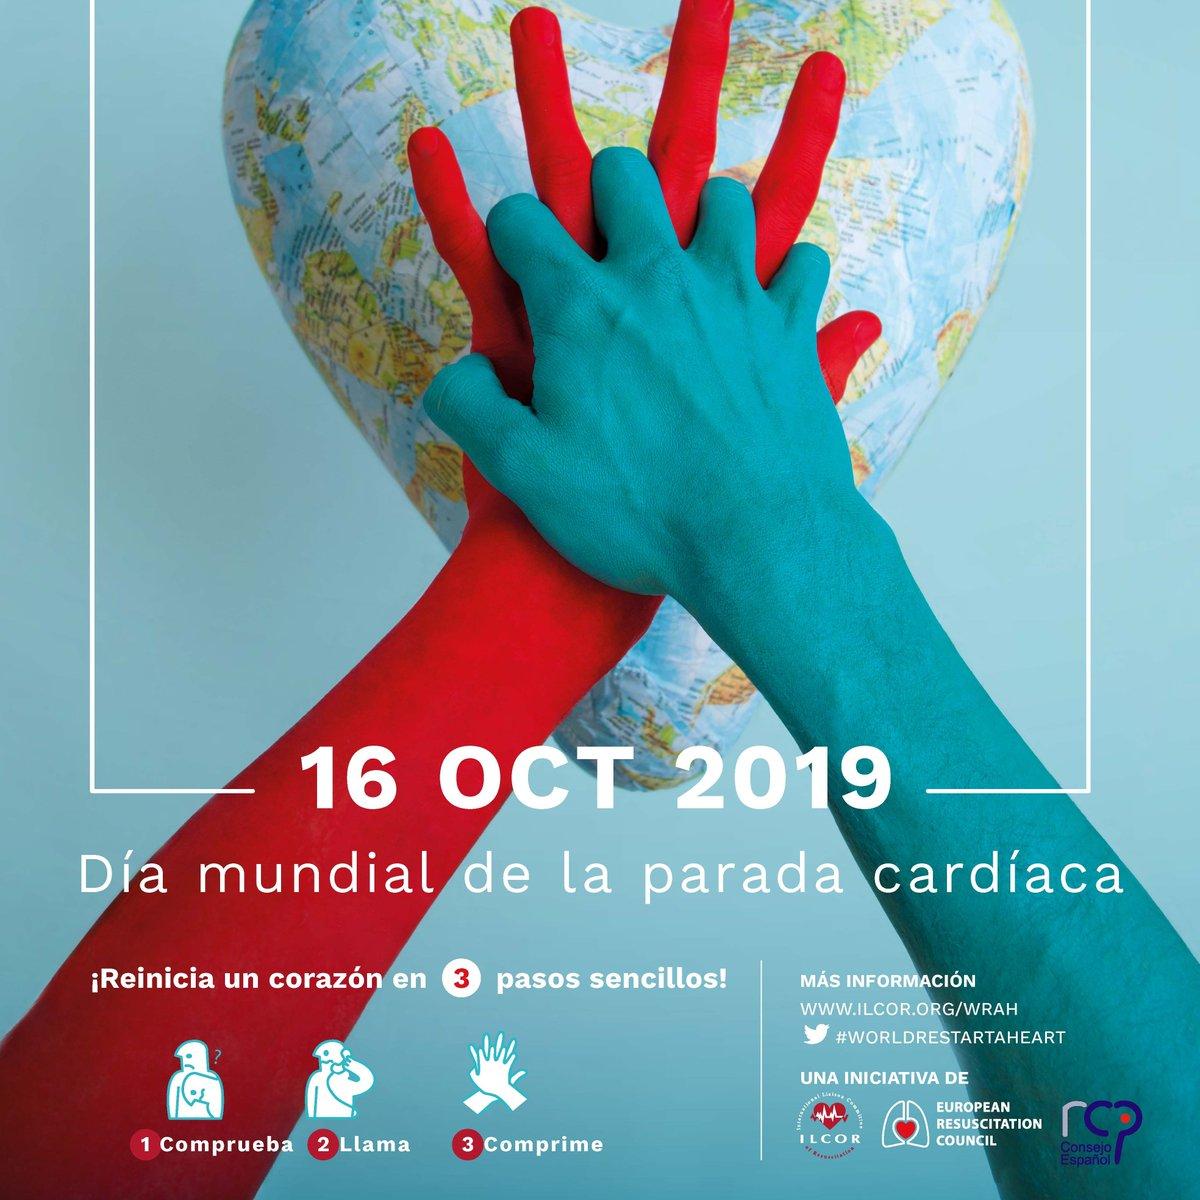 """test Twitter Media - Mañana se celebra el #Día_Europeo_Concienciación_Paro_Cardíaco 💔. El  @sanidadgob organiza la jornada """"AUMENTAR LA SUPERVIVENCIA ES POSIBLE""""💪. Con un taller práctico sobre el Desfibrilador Externo Automático #DEA. Colabora el  @ConsEspRCP. El programa 👇https://t.co/Z3xKtXKy2C https://t.co/Ja4wllBZOf"""